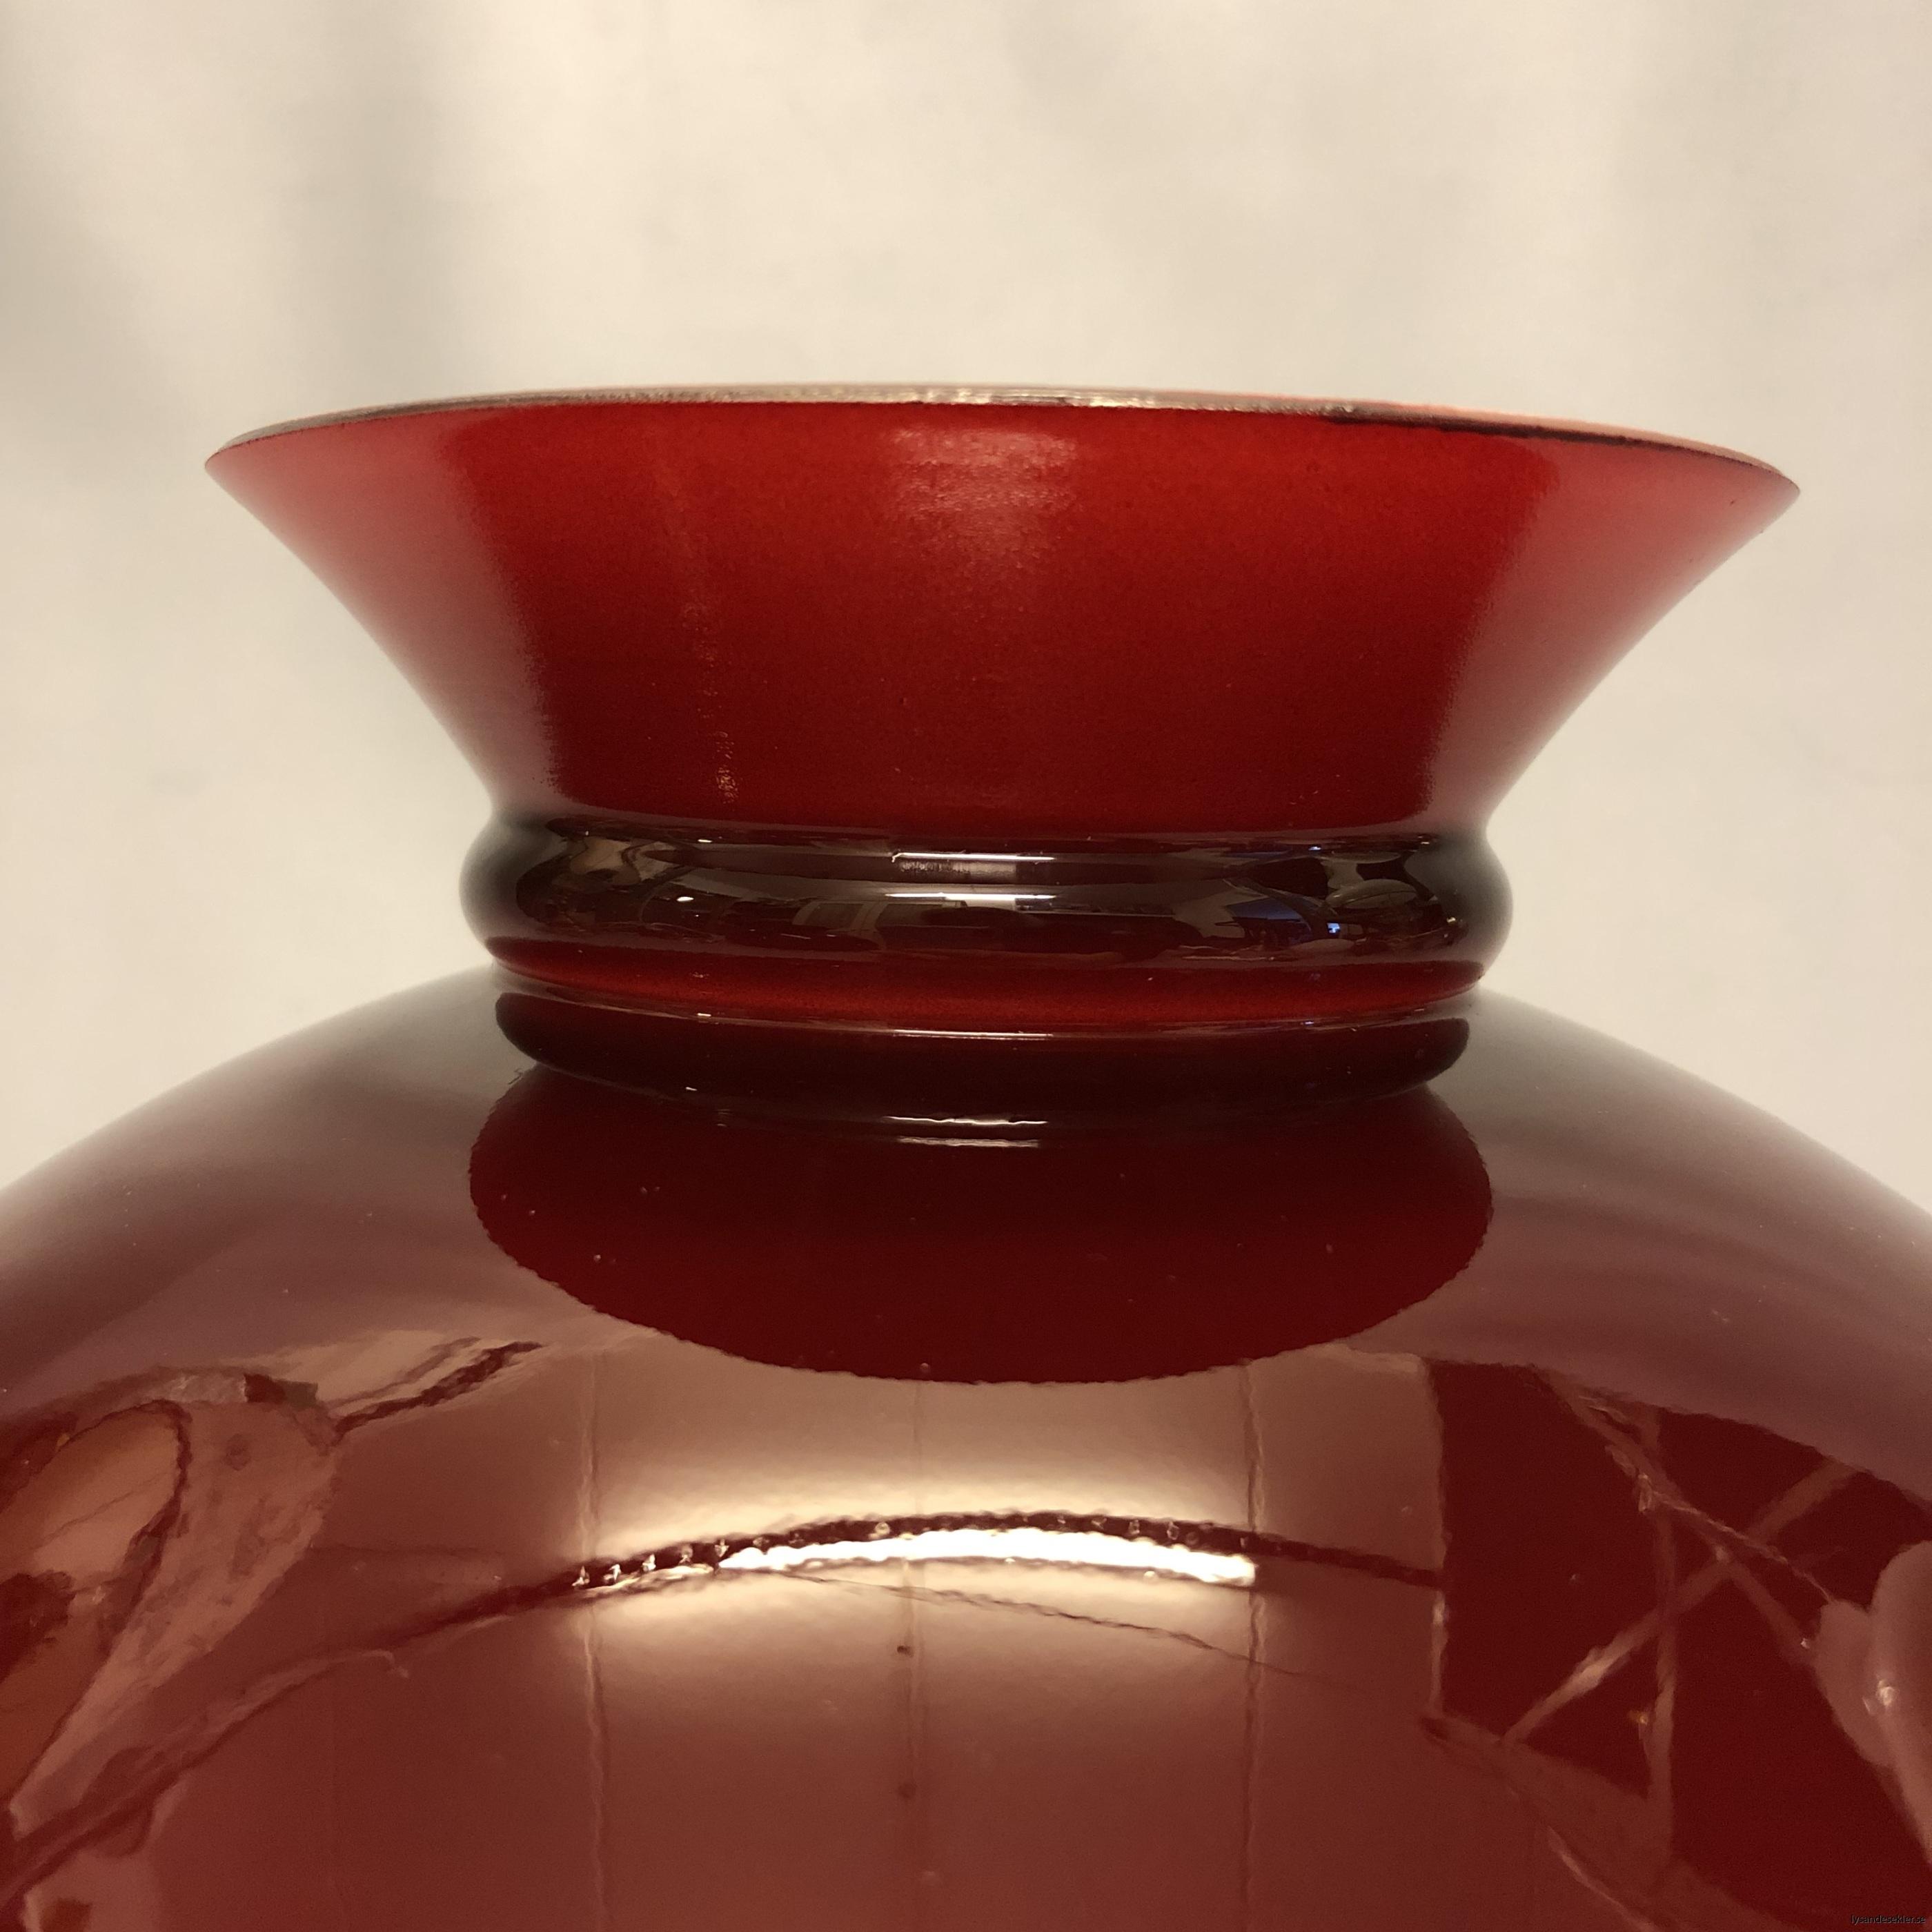 färgad vesta vestaskärm i färg fotogenskärm grön röd gul orange skärm till fotogenlampa17